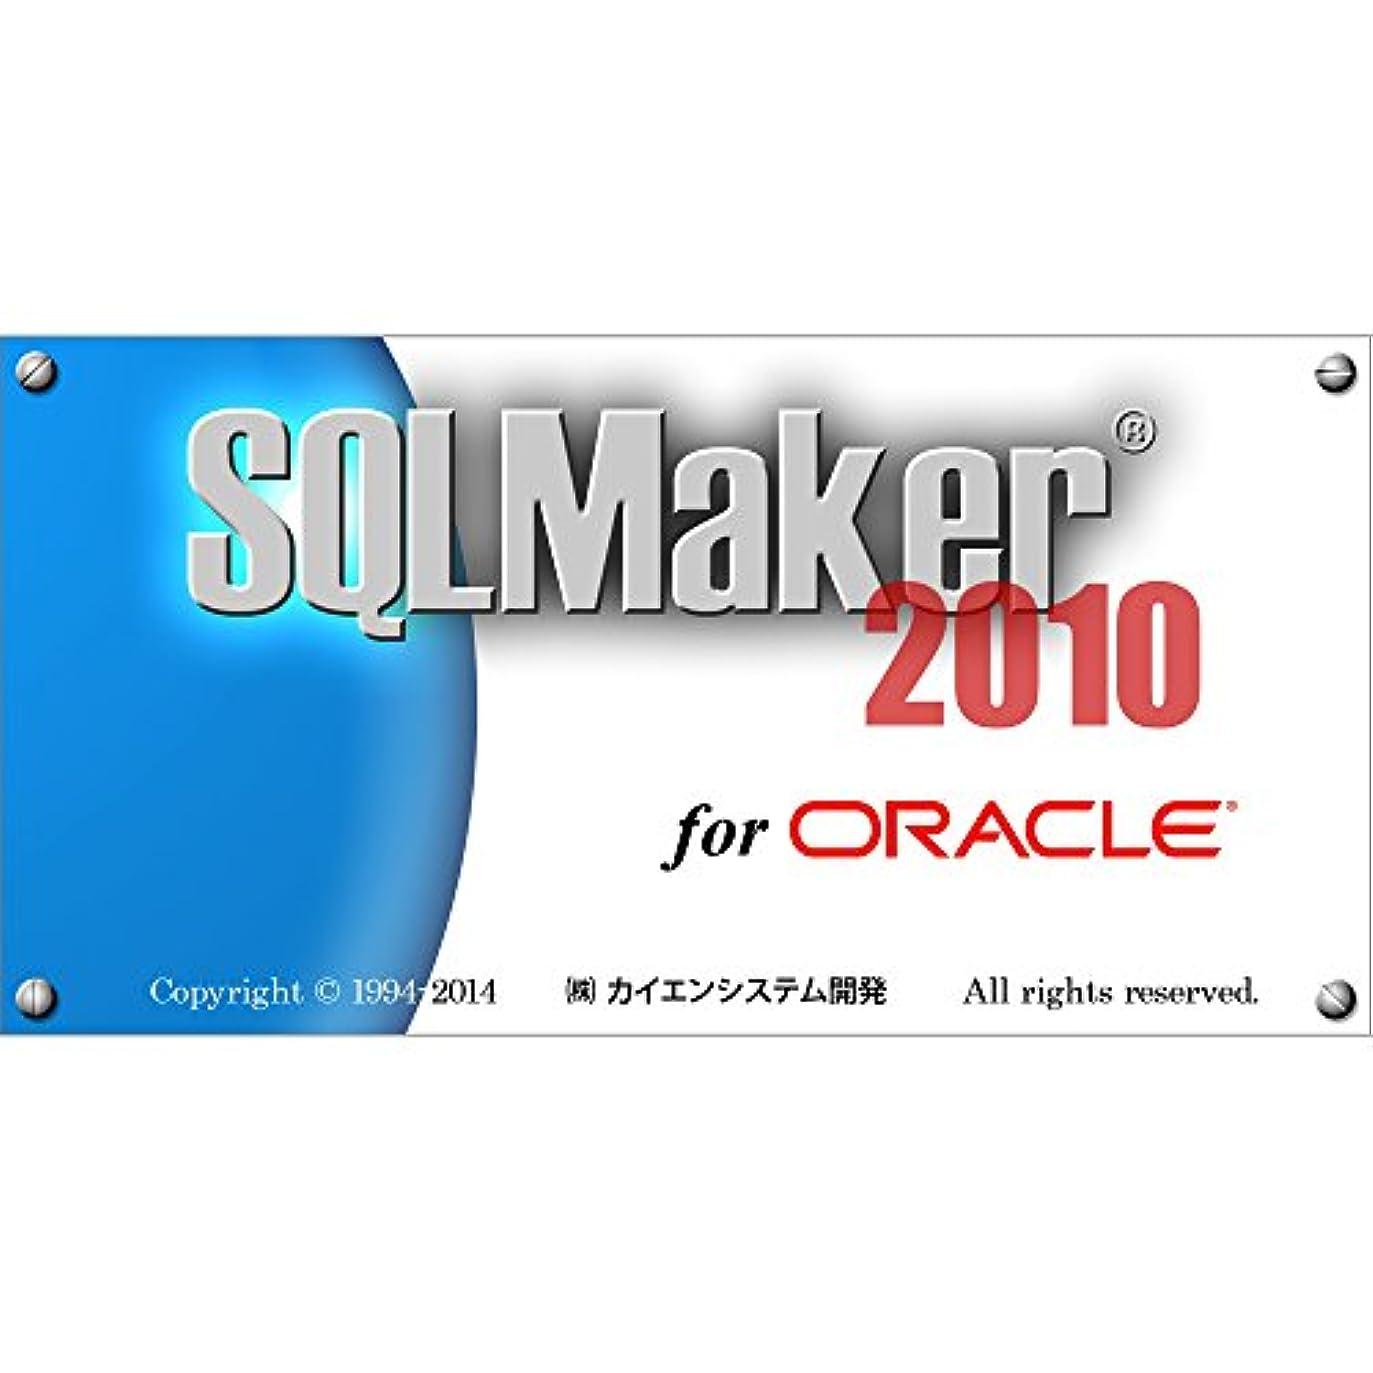 器用グリーンランド自殺SQLMaker2010 for Oracle (CDマスターパッケージ1ライセンス)